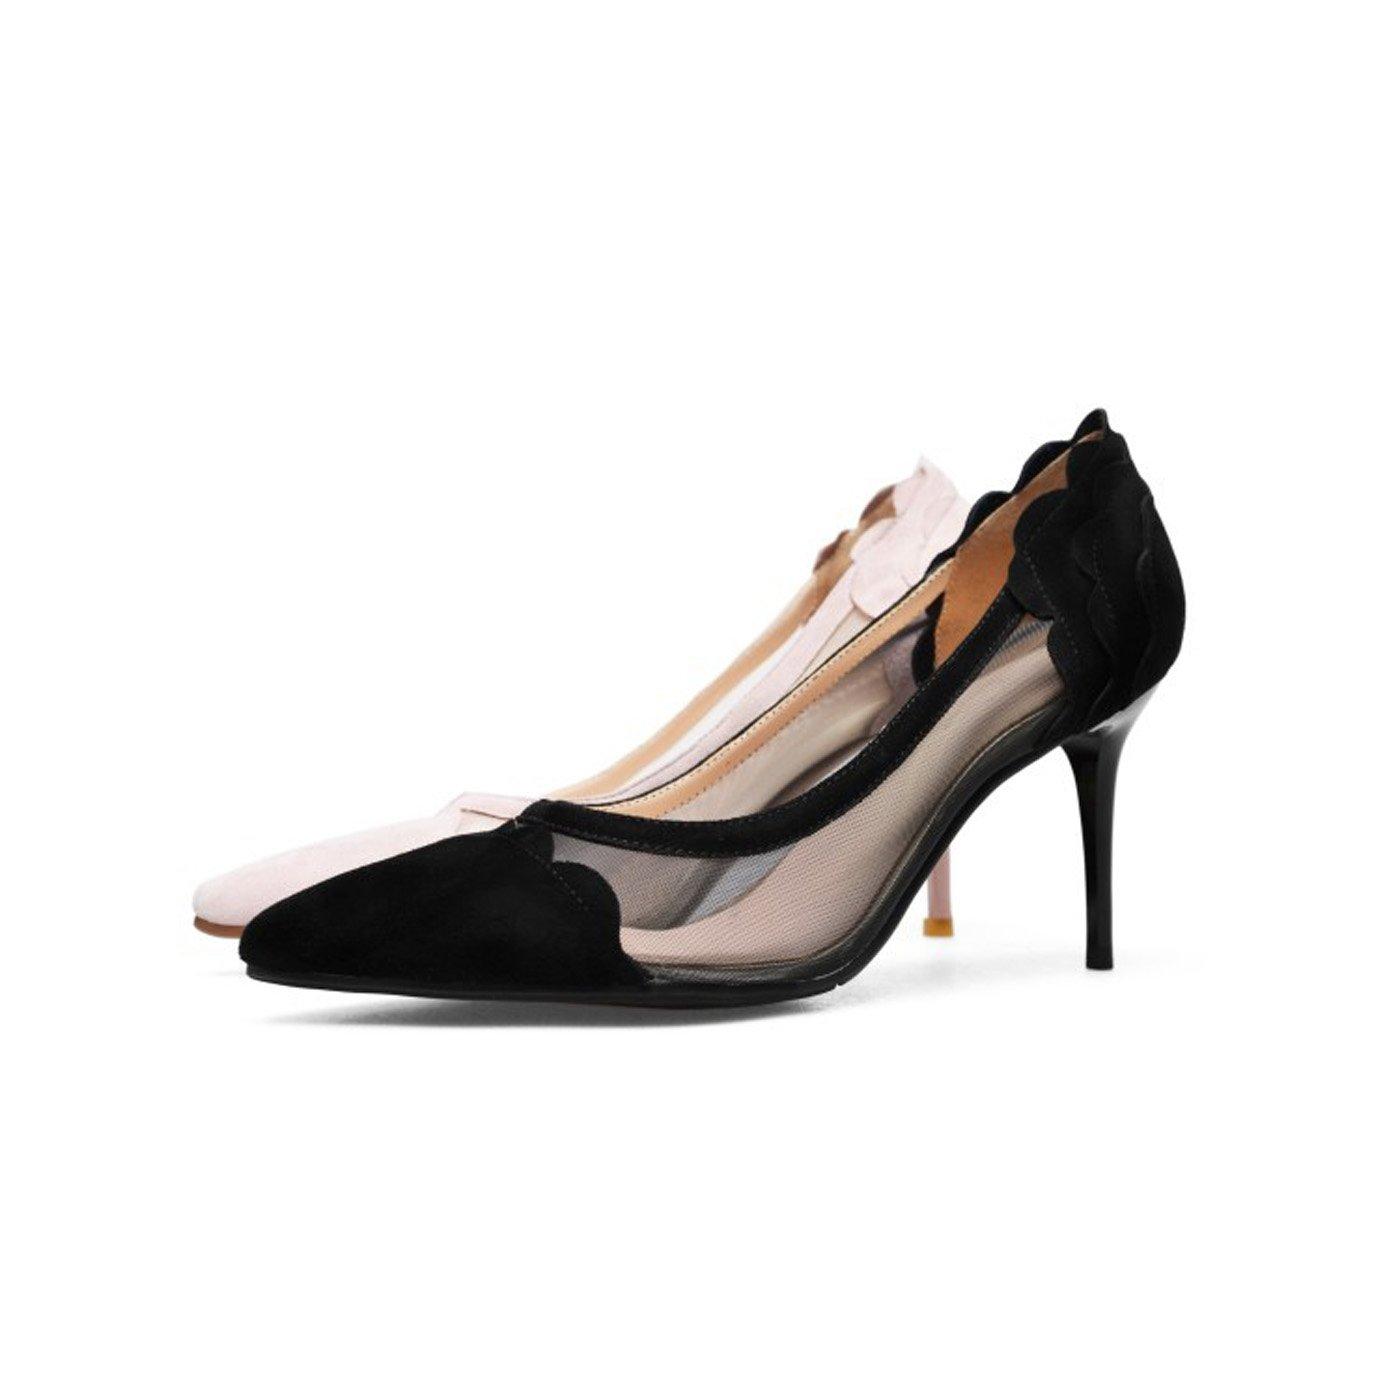 ZXMXY Zapatos de tacón Alto de Las Las Las Mujeres Recortadas Poco Profundas del Dedo del pie Sandalias Atractivas Zapatos de tacón de Aguja del Estilete Sandalias al Aire Libre 9cb280